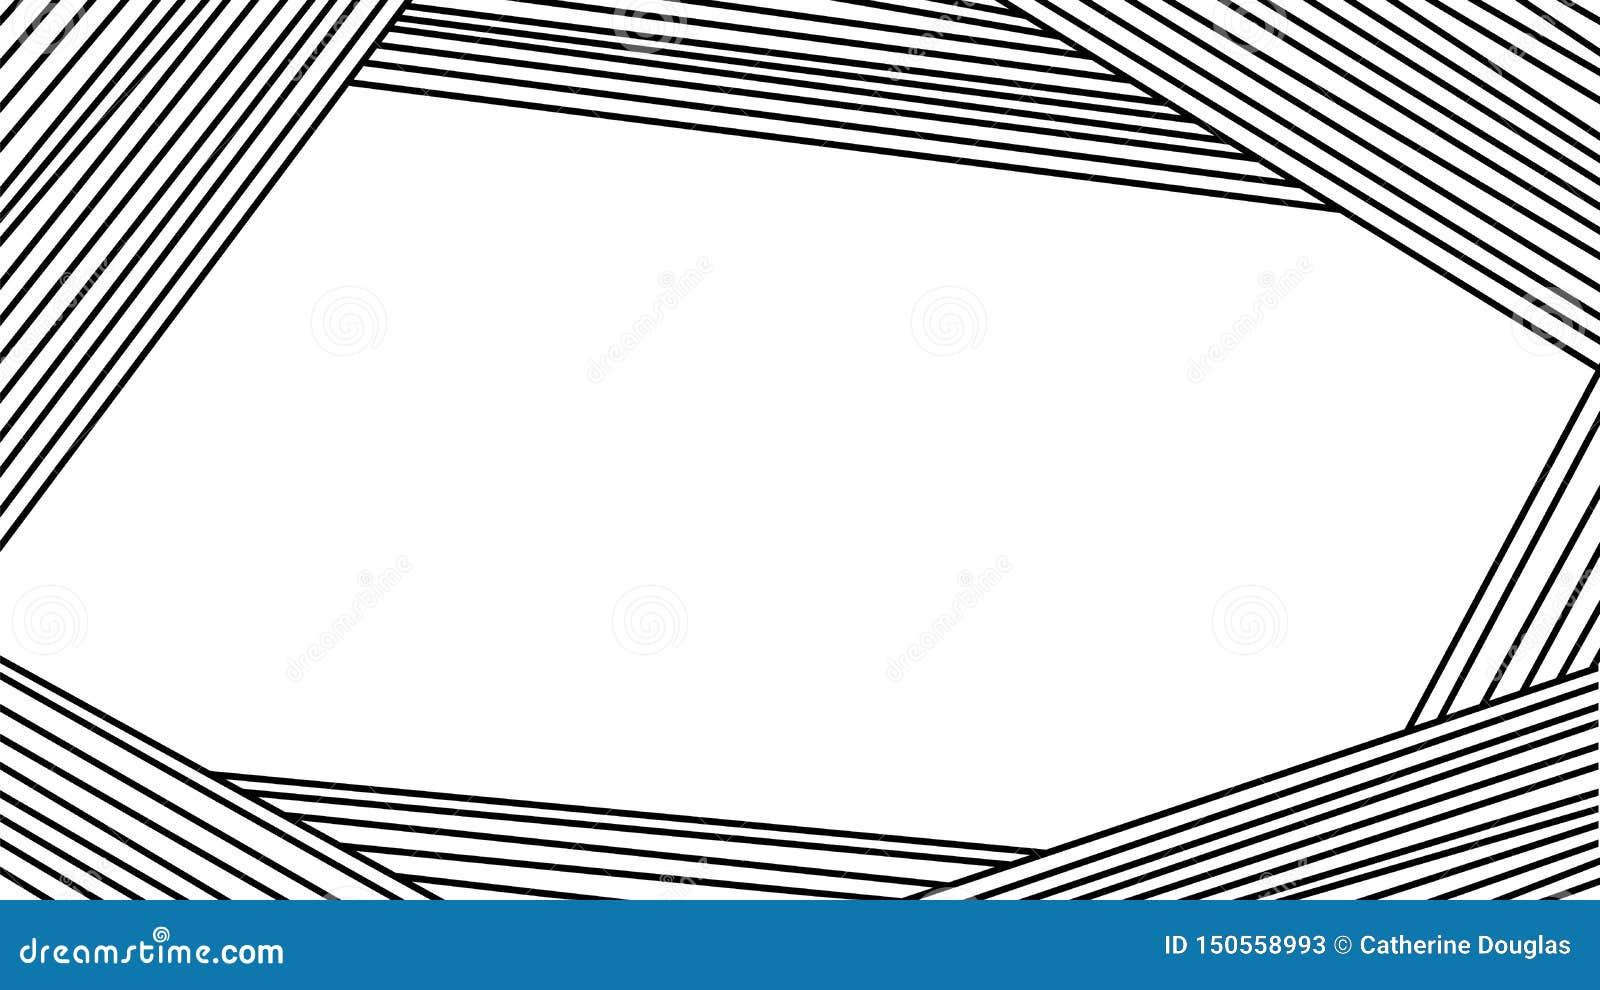 Το αφηρημένο υπόβαθρο οι μαύρες γραμμές παρουσιάζει τη γεωμετρία του πλαισίου Σύγχρονο πρότυπο r